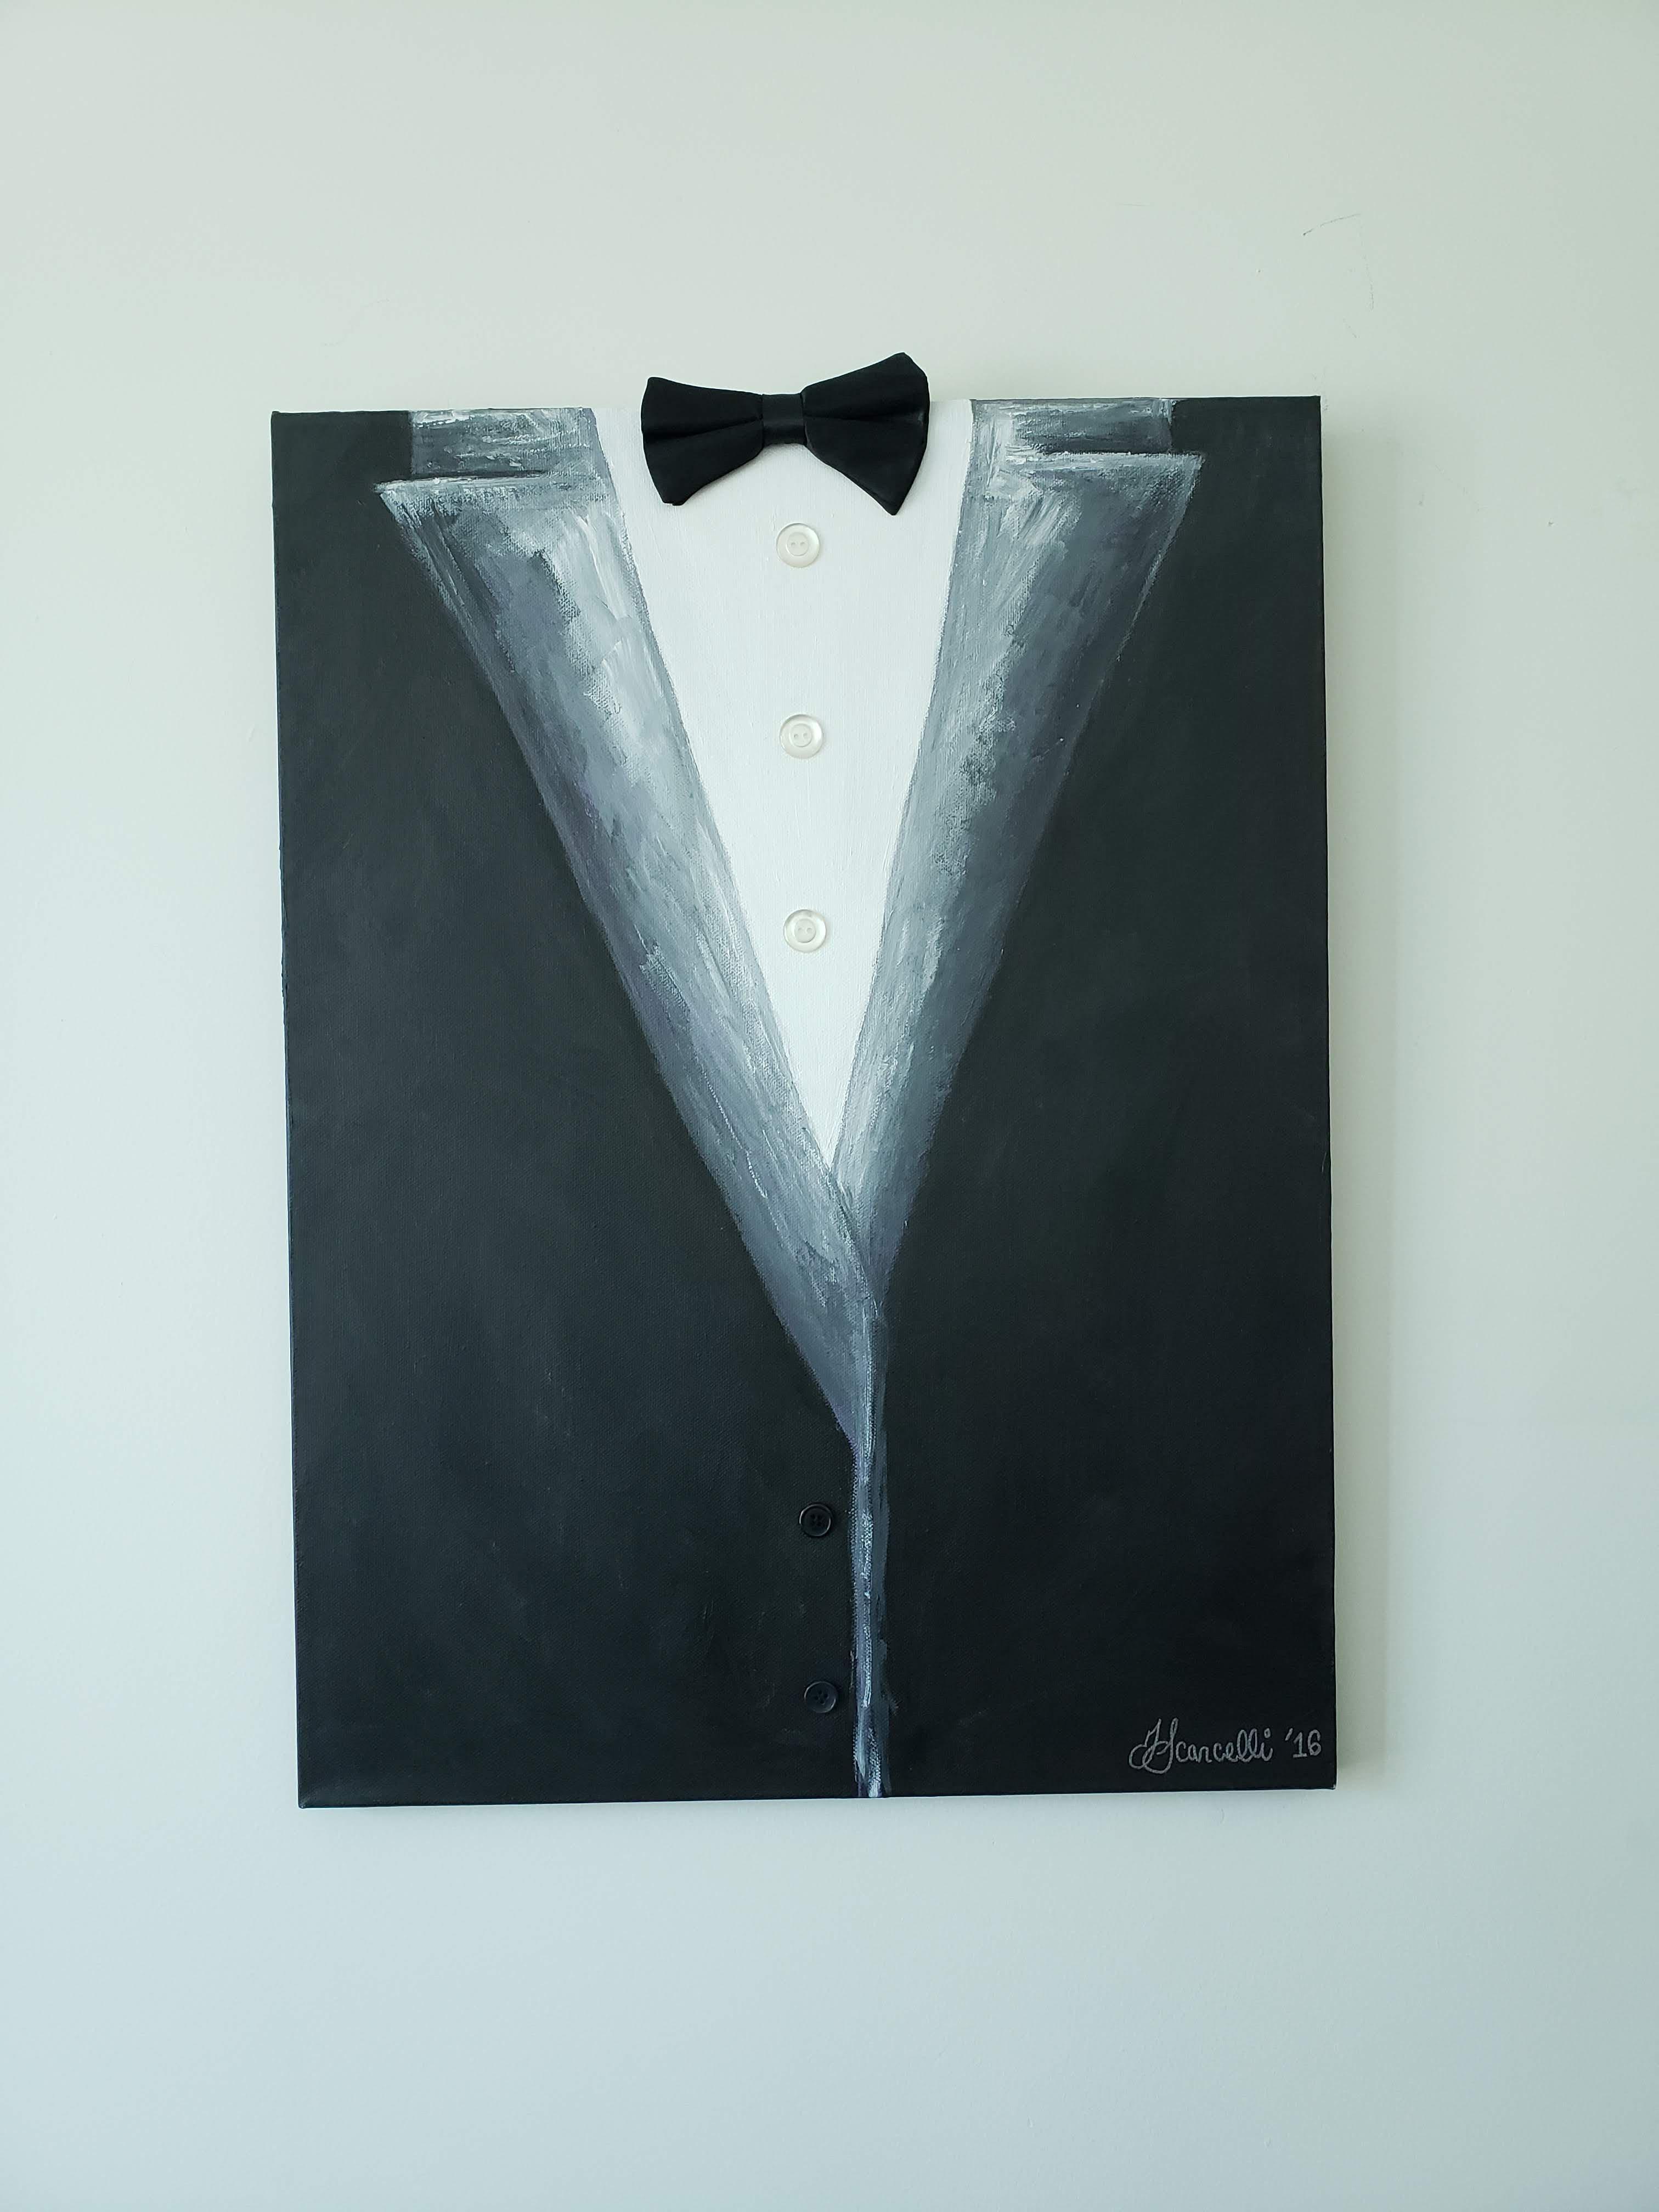 Tuxedo (2016)